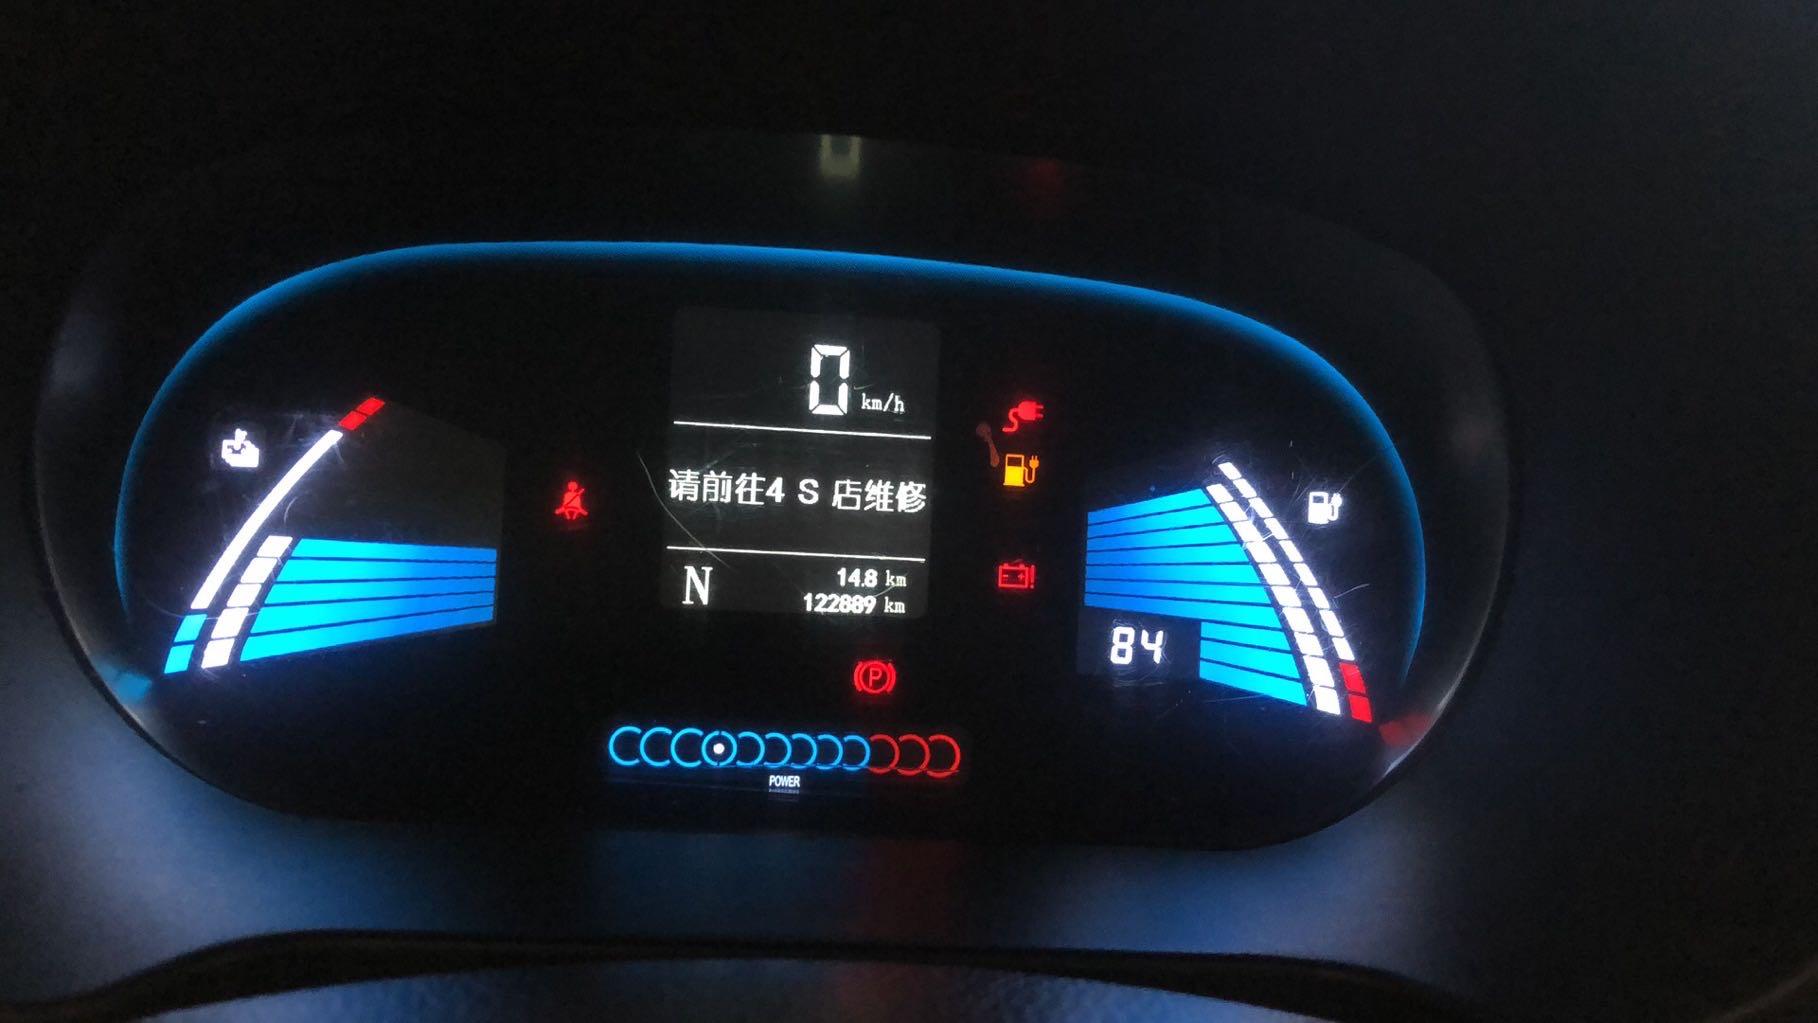 江淮99XXXX开心-江淮iEV 电池出现严重问题,经常坏